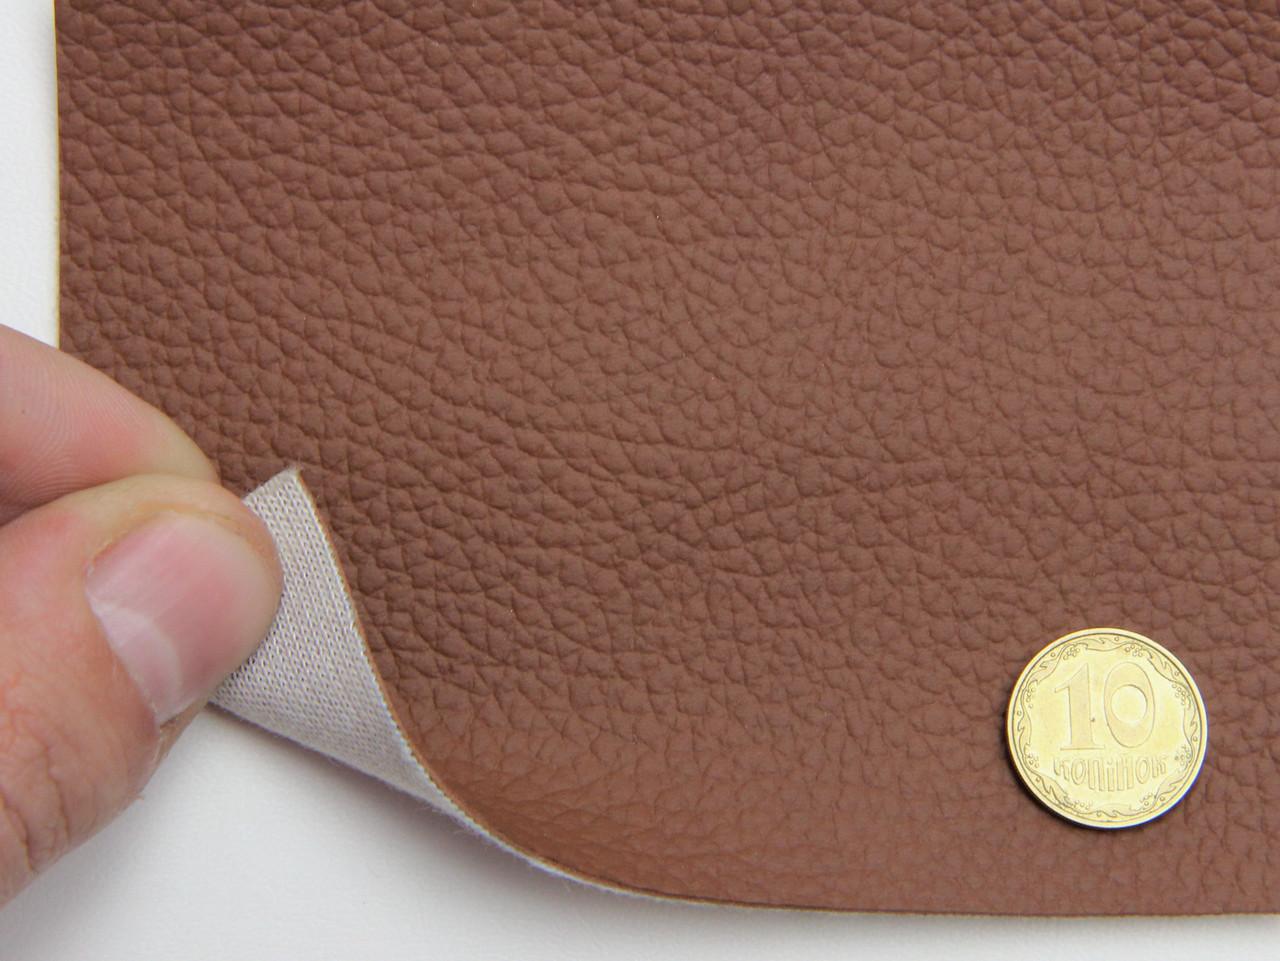 Авто кожзам світло-коричневий (09-151), на тканинній основі 1мм, ширина 1,60 м